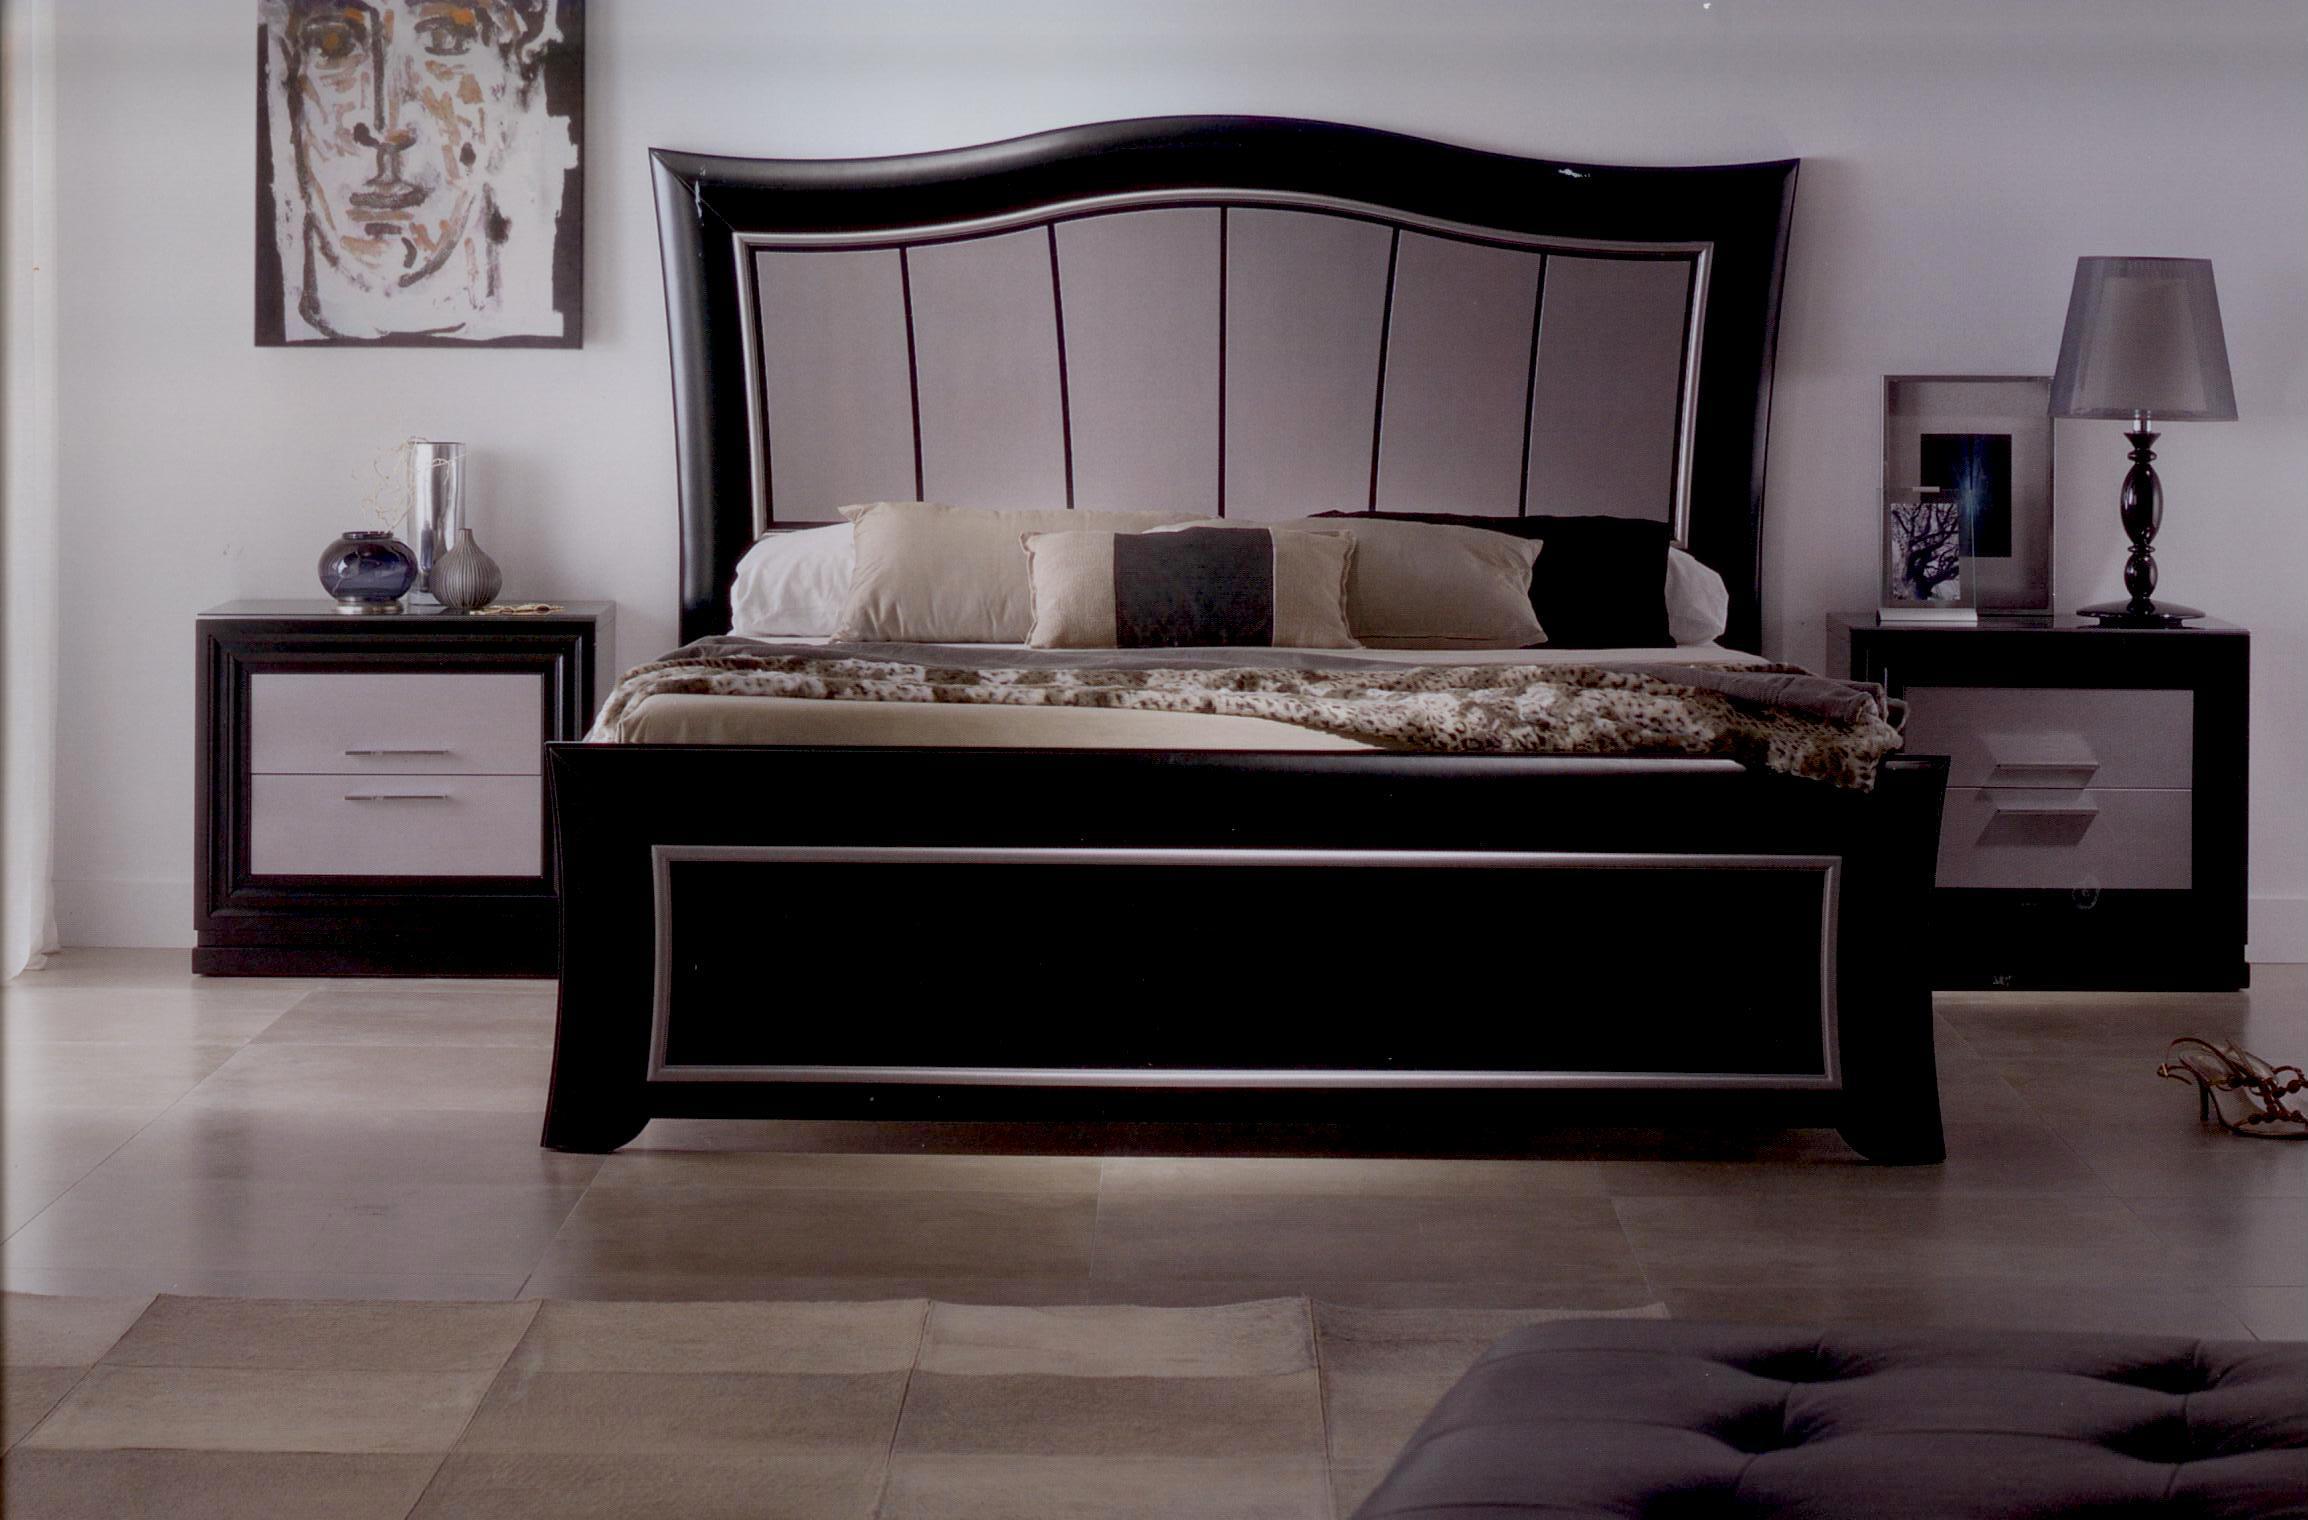 Dormitorio plata negro comercial mavic venta de muebles for Dormitorio wengue y plata